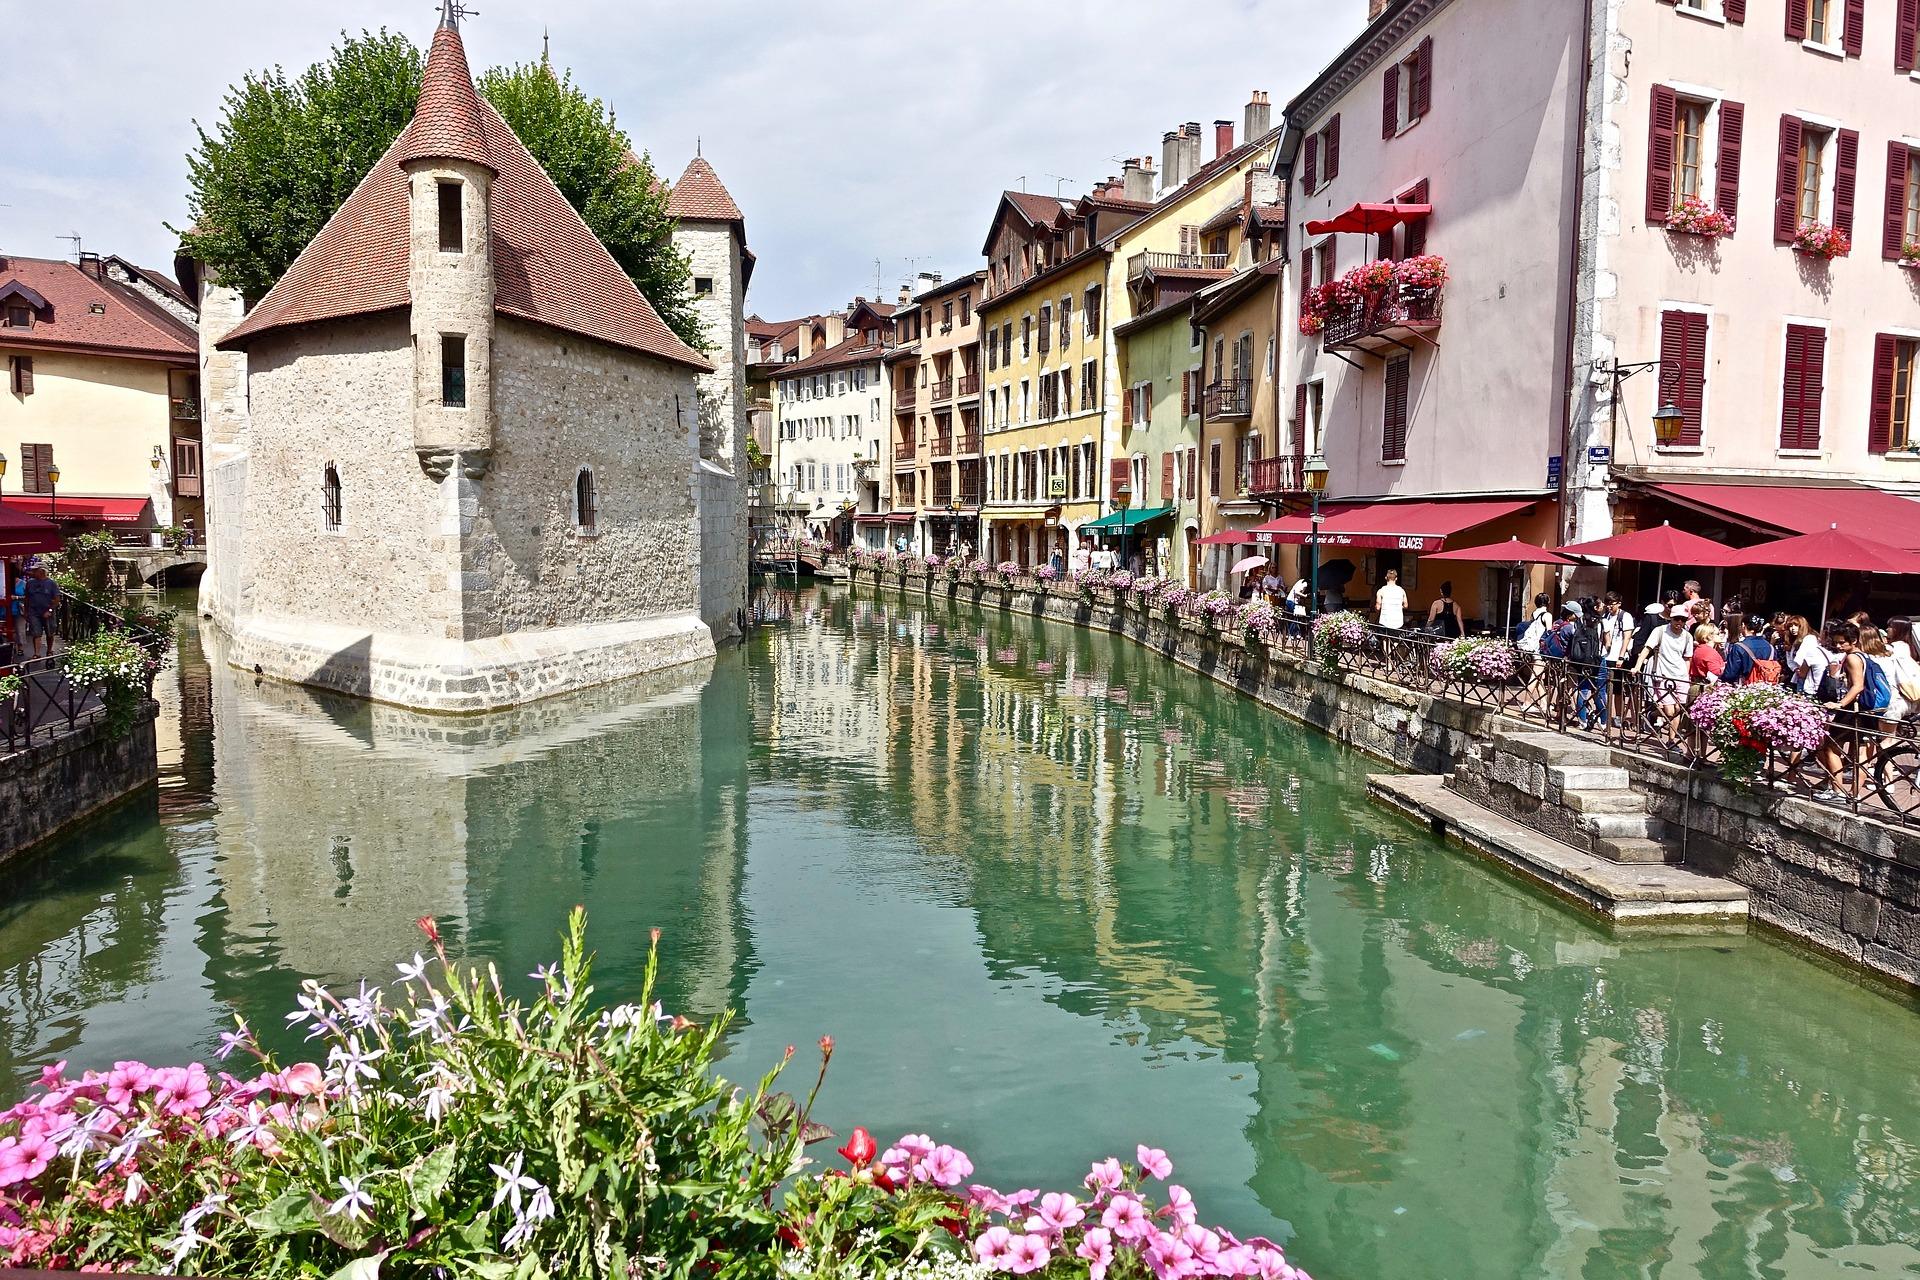 Туристические объекты во Франции могут полностью возобновить работу 21 июня